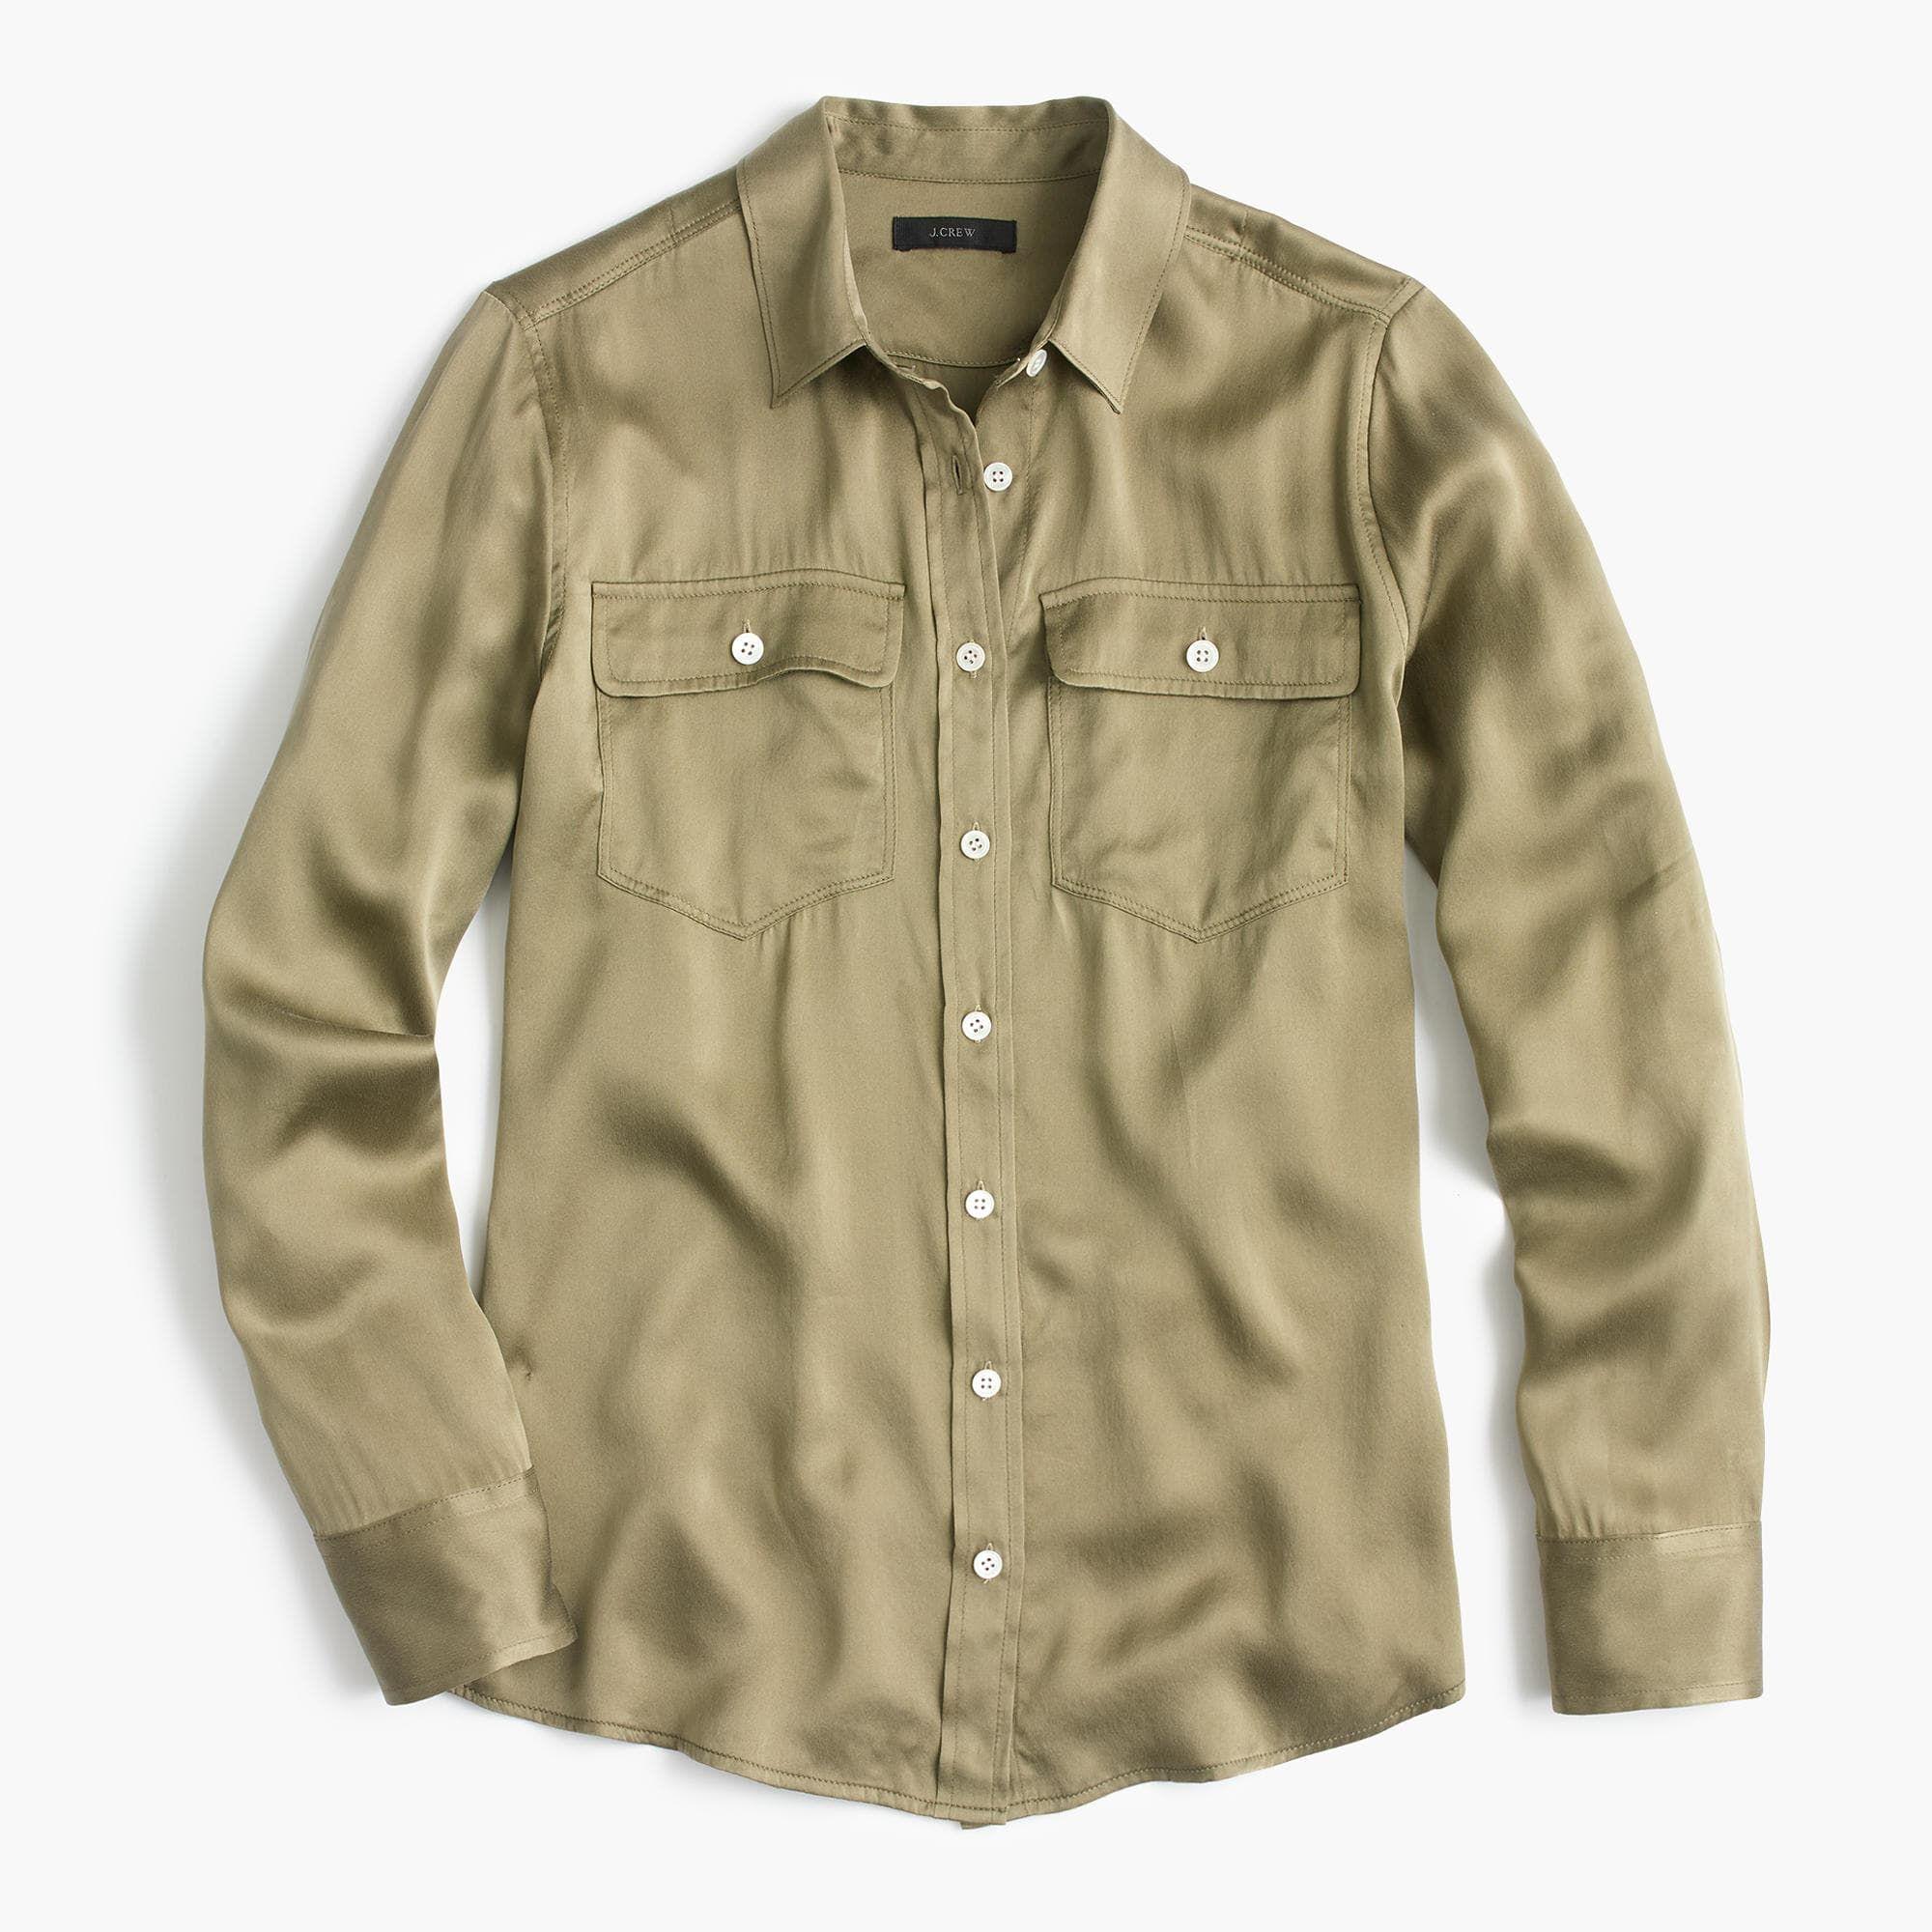 64c3c2a0bcefdd J.Crew - The 2011 Blythe shirt   Clothing   Shirts, Mens tops ...